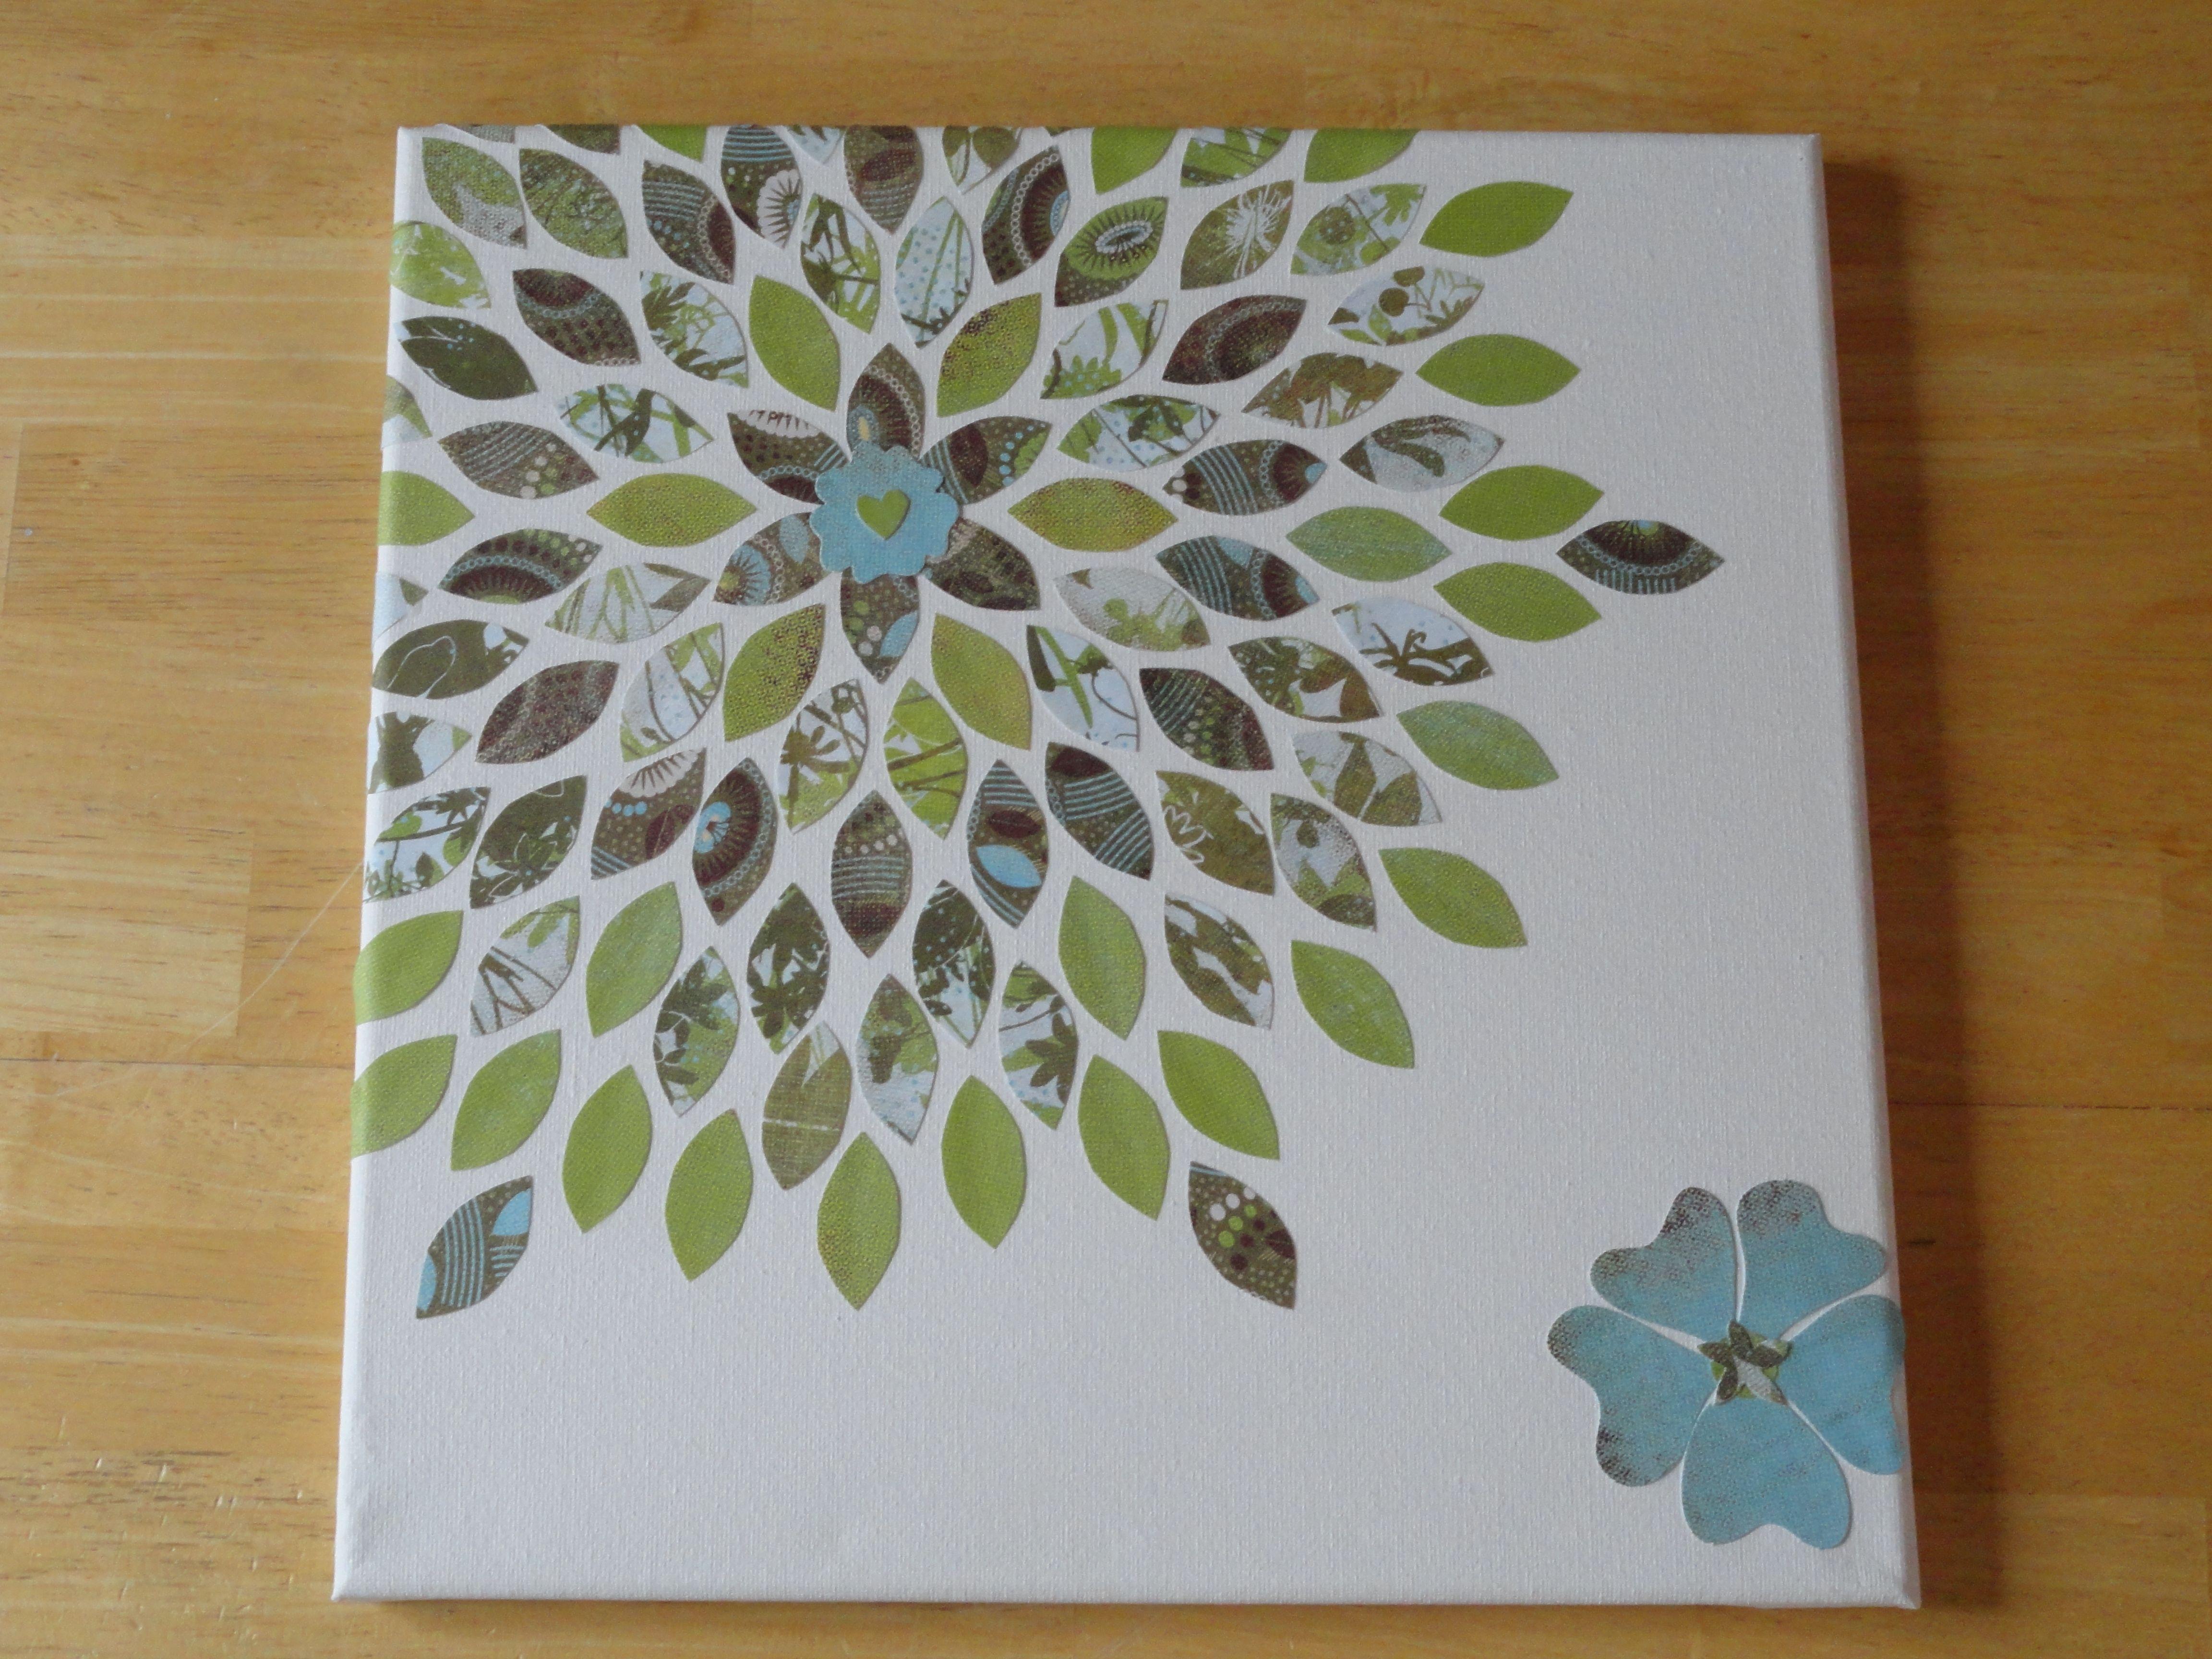 Scrapbook paper art ideas - 12 X 12 Canvas Left Over Scrapbook Paper And Elmers Glue